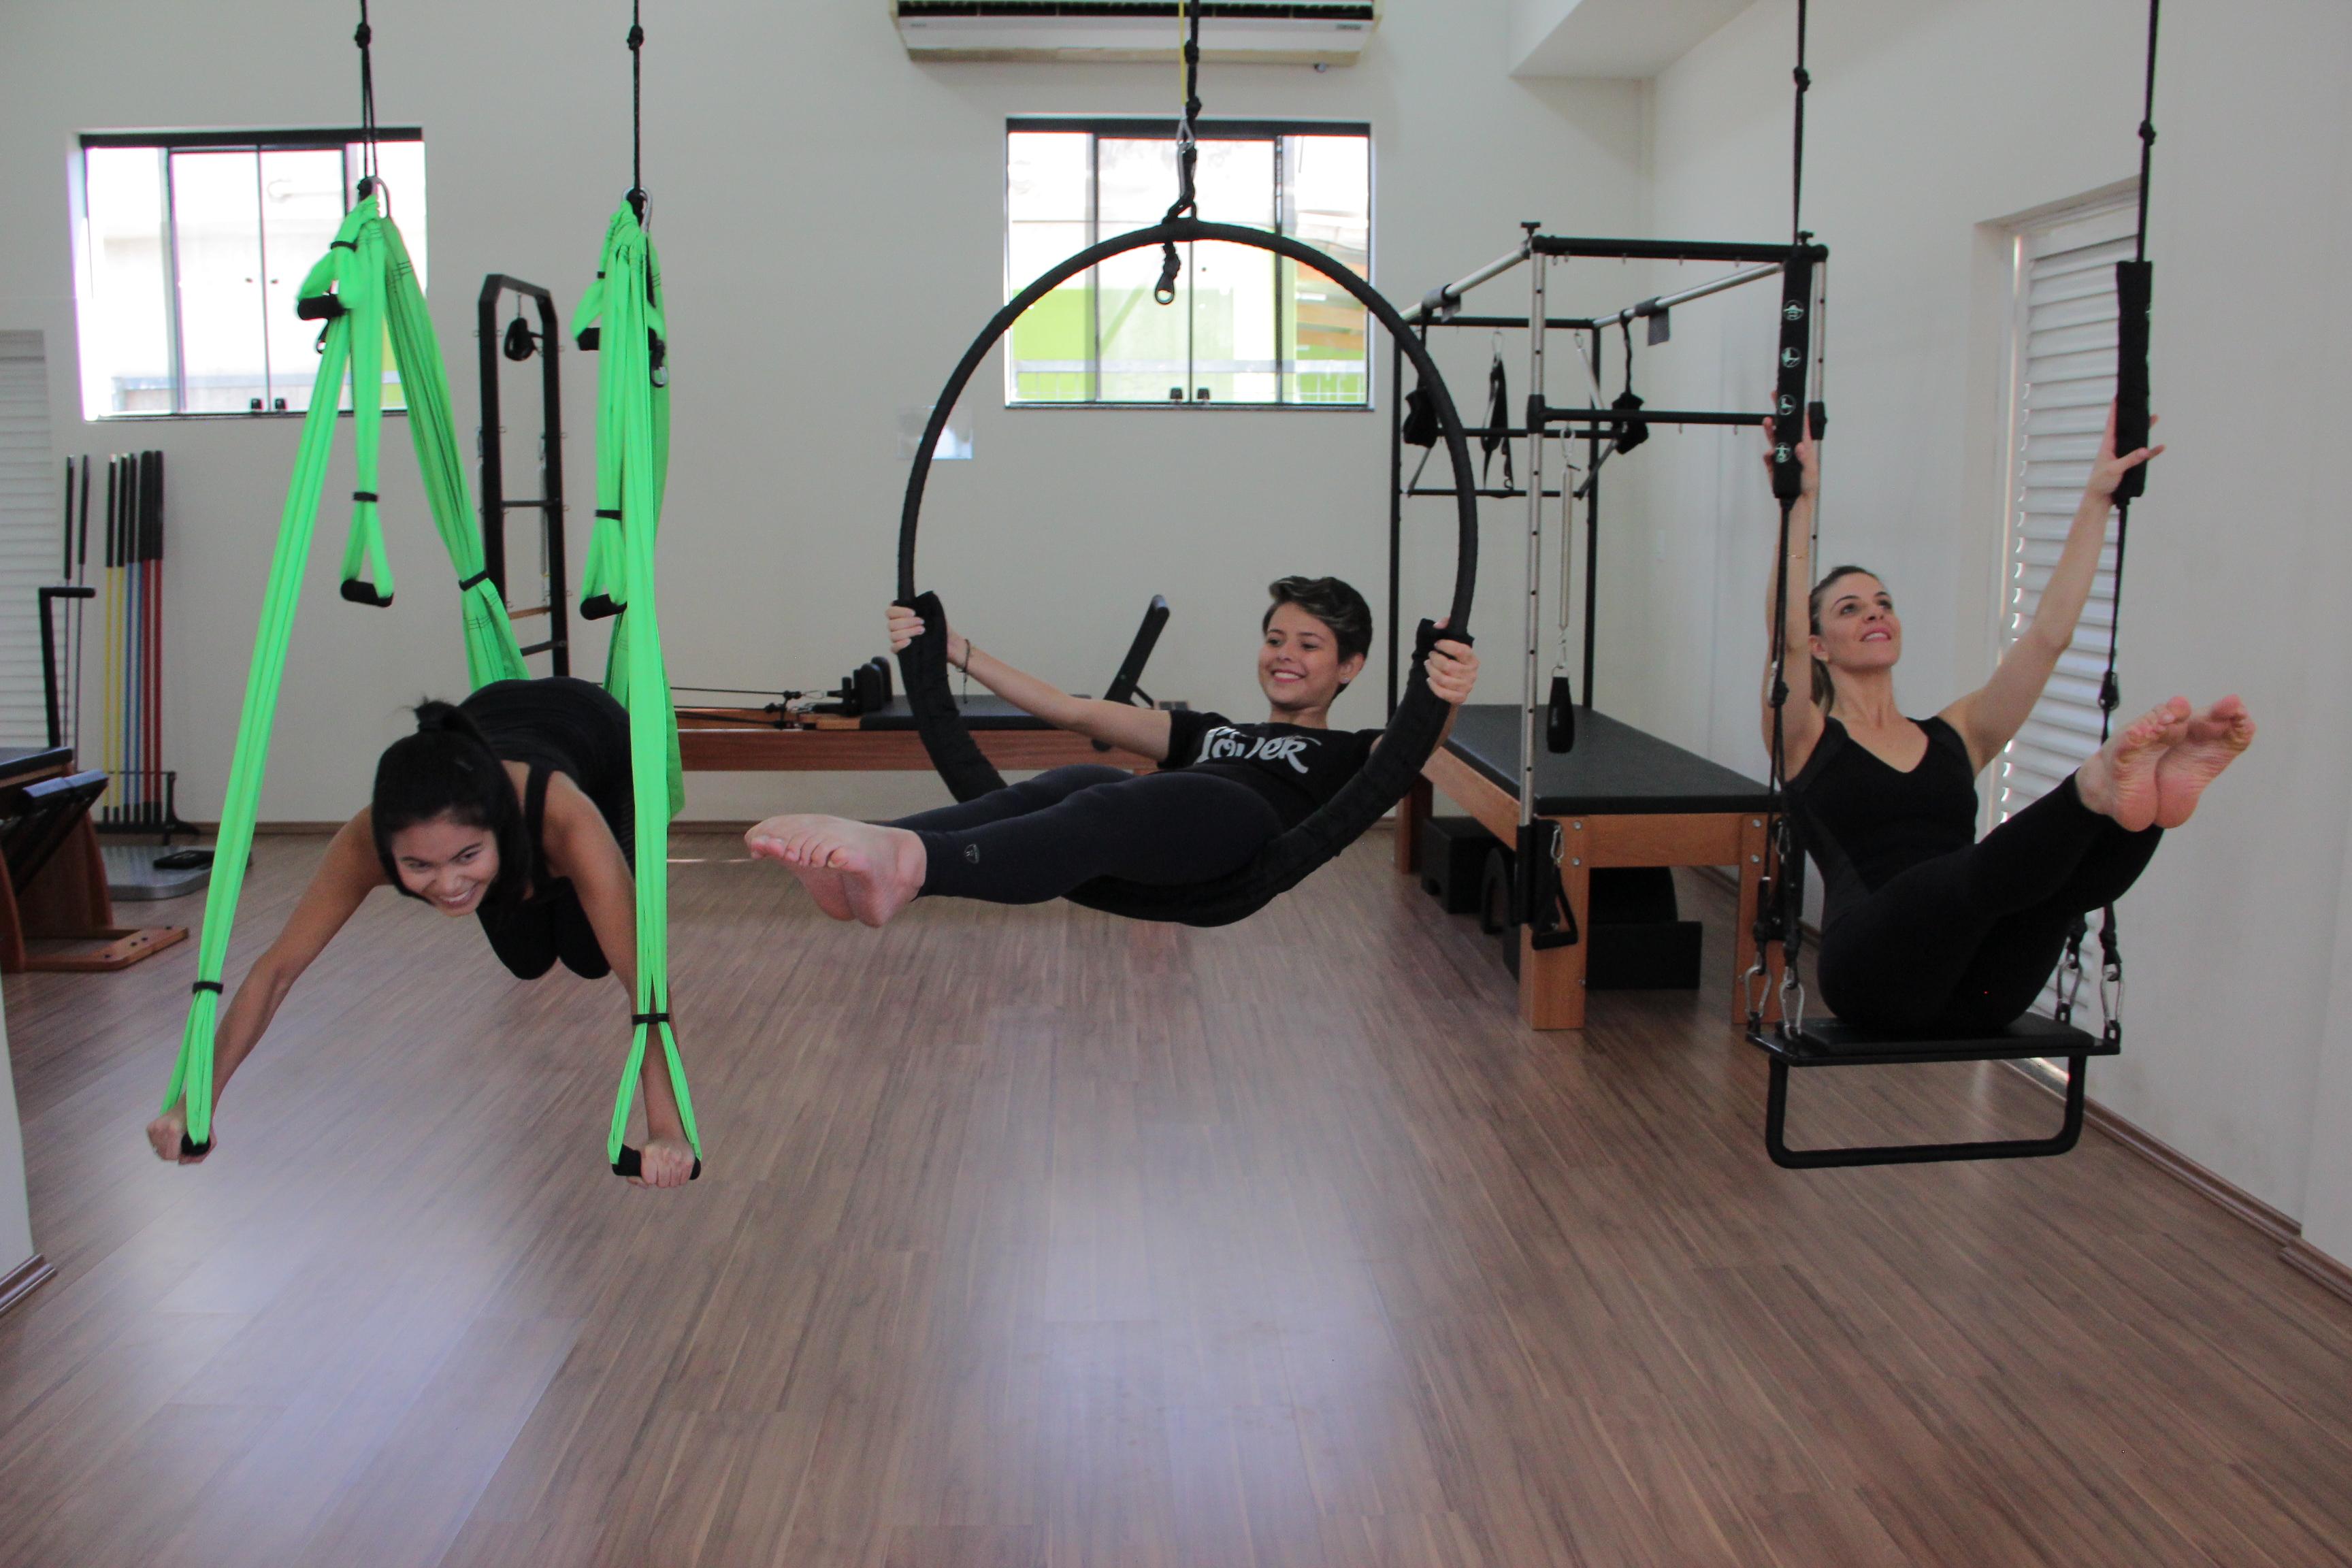 aula de suspensus o pilates aéreo